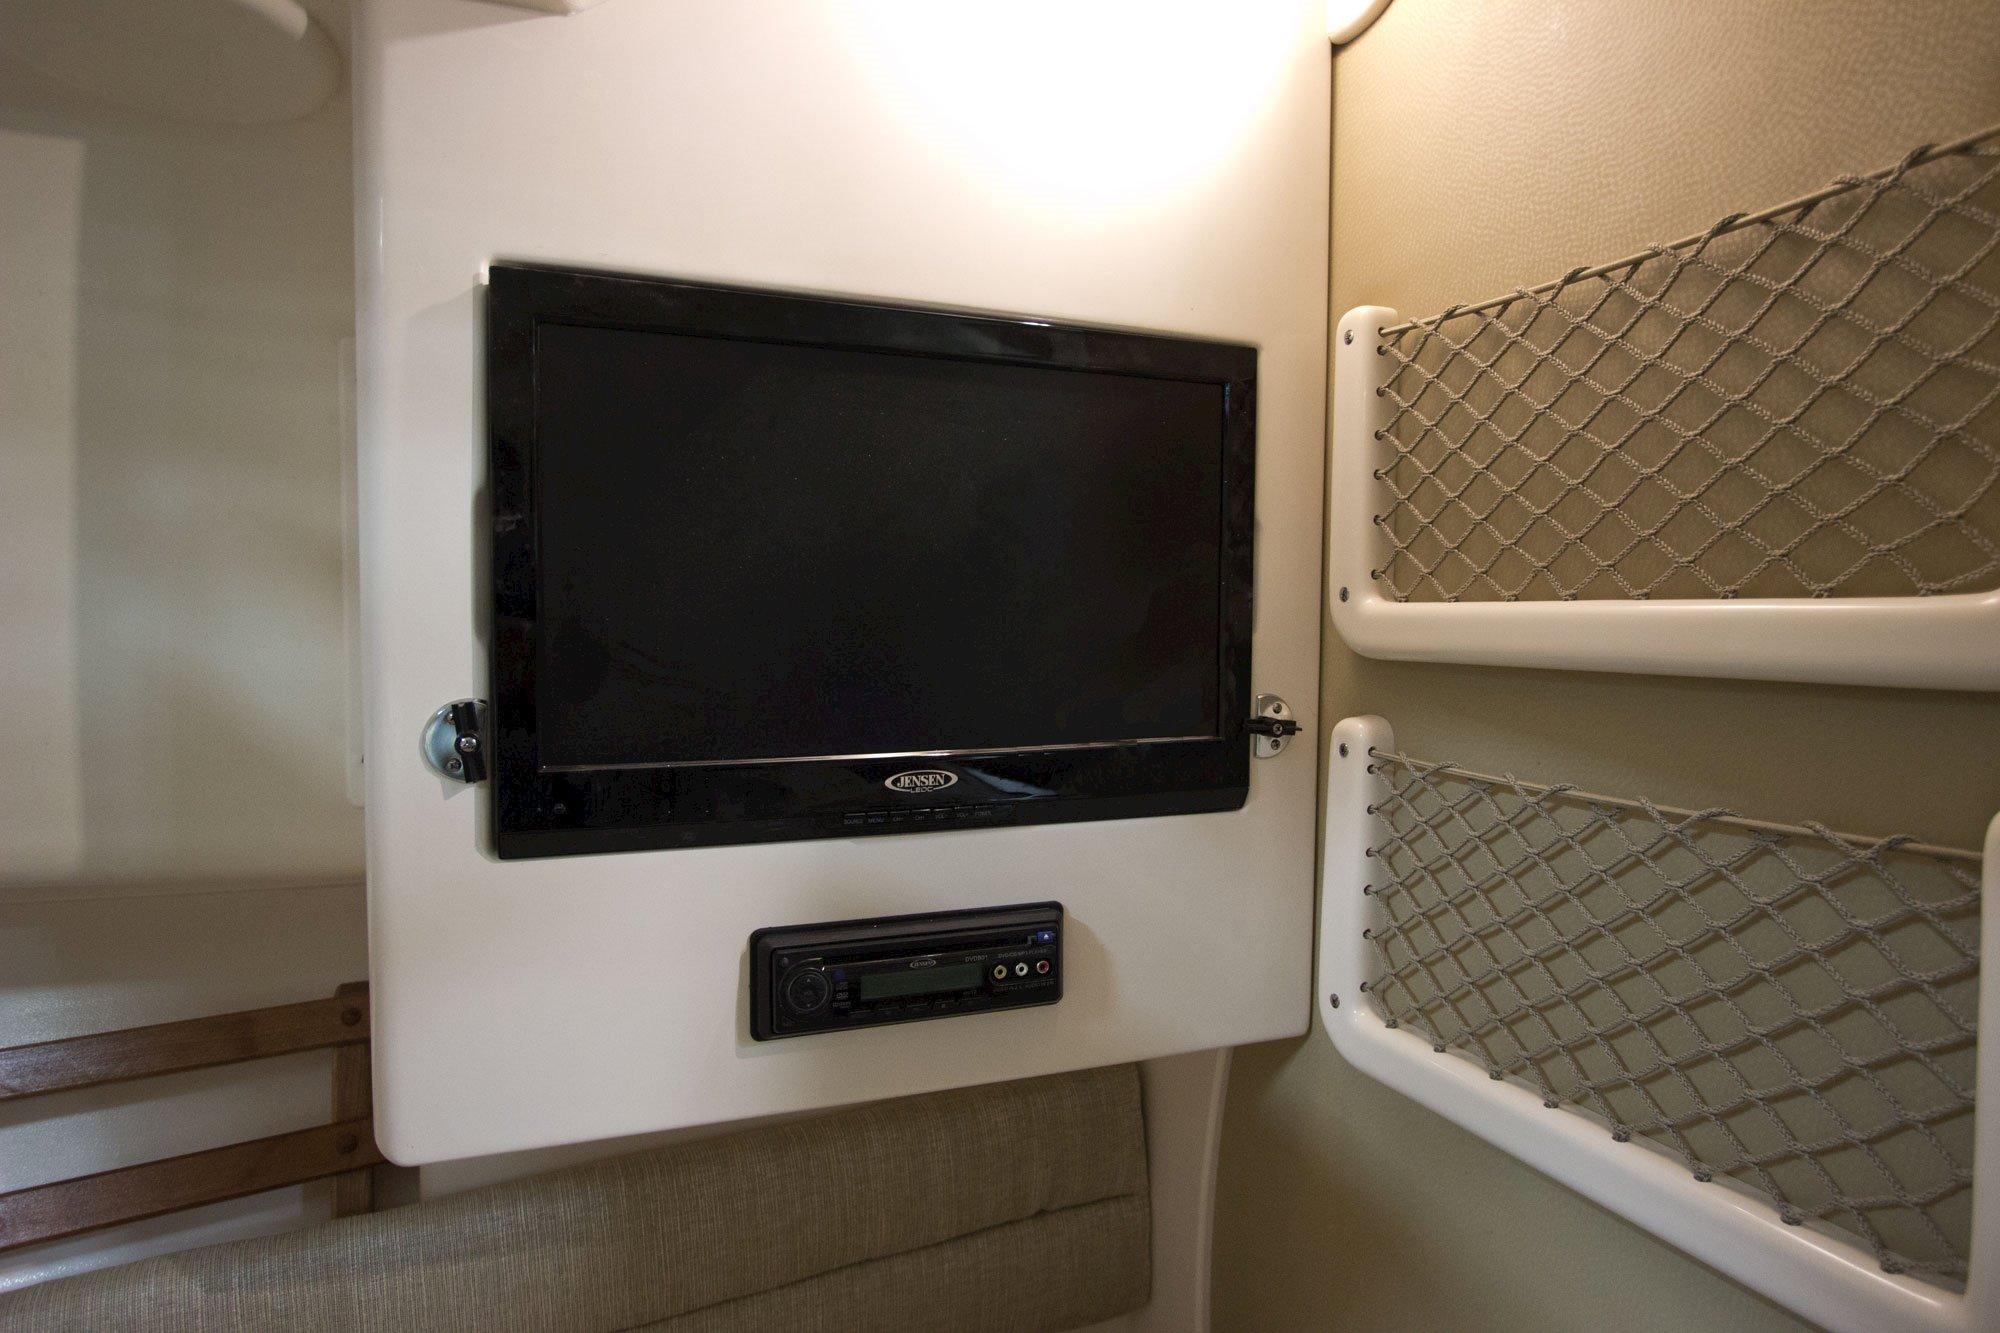 Grady-White Marlin 300 30 foot Walkaround Cabin Boat Flatscreen TV